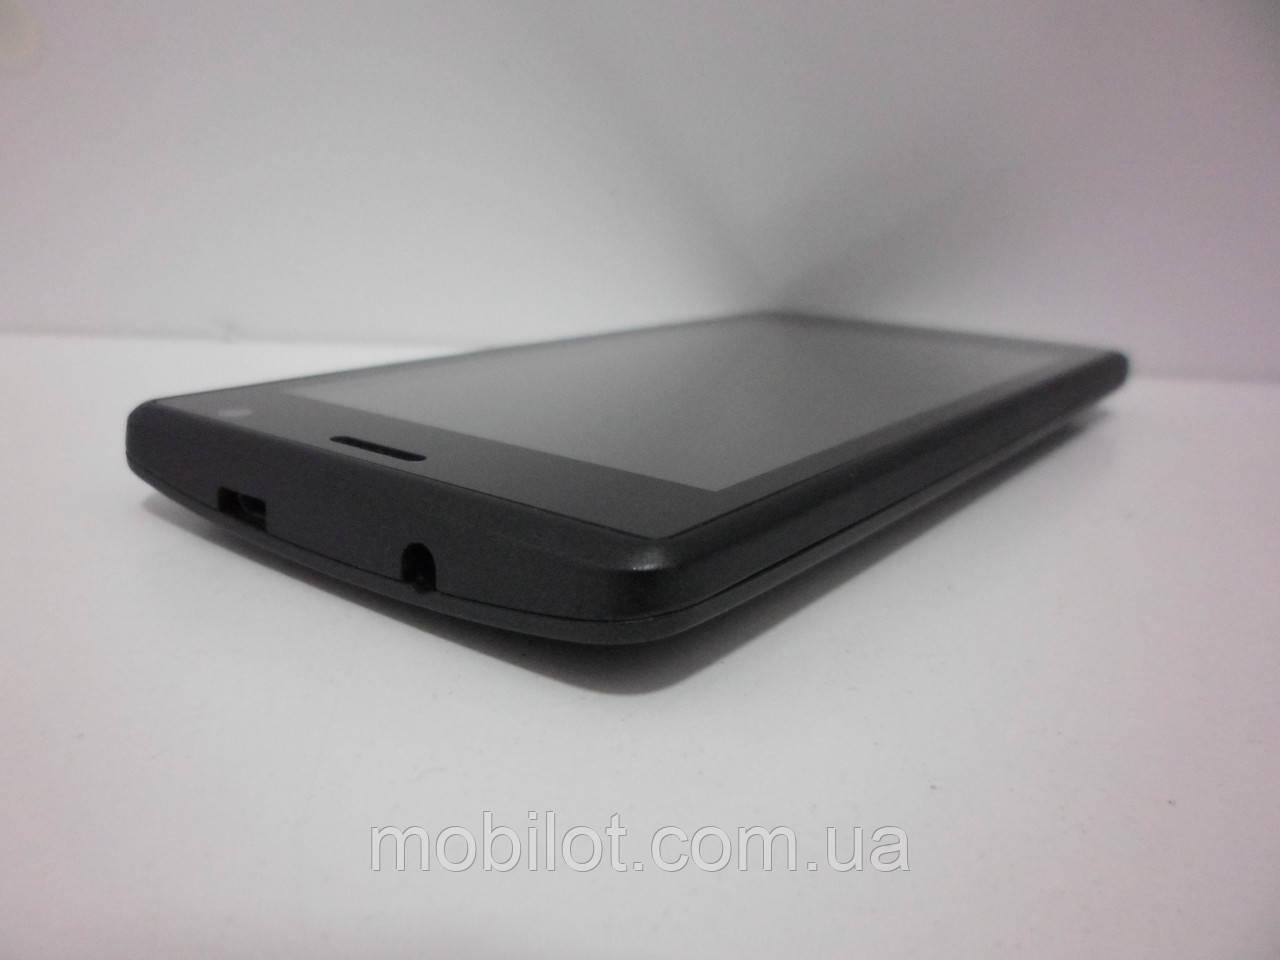 Мобильный телефон Prestigio Wize OK3 PSP3468 (TZ-7473) 6